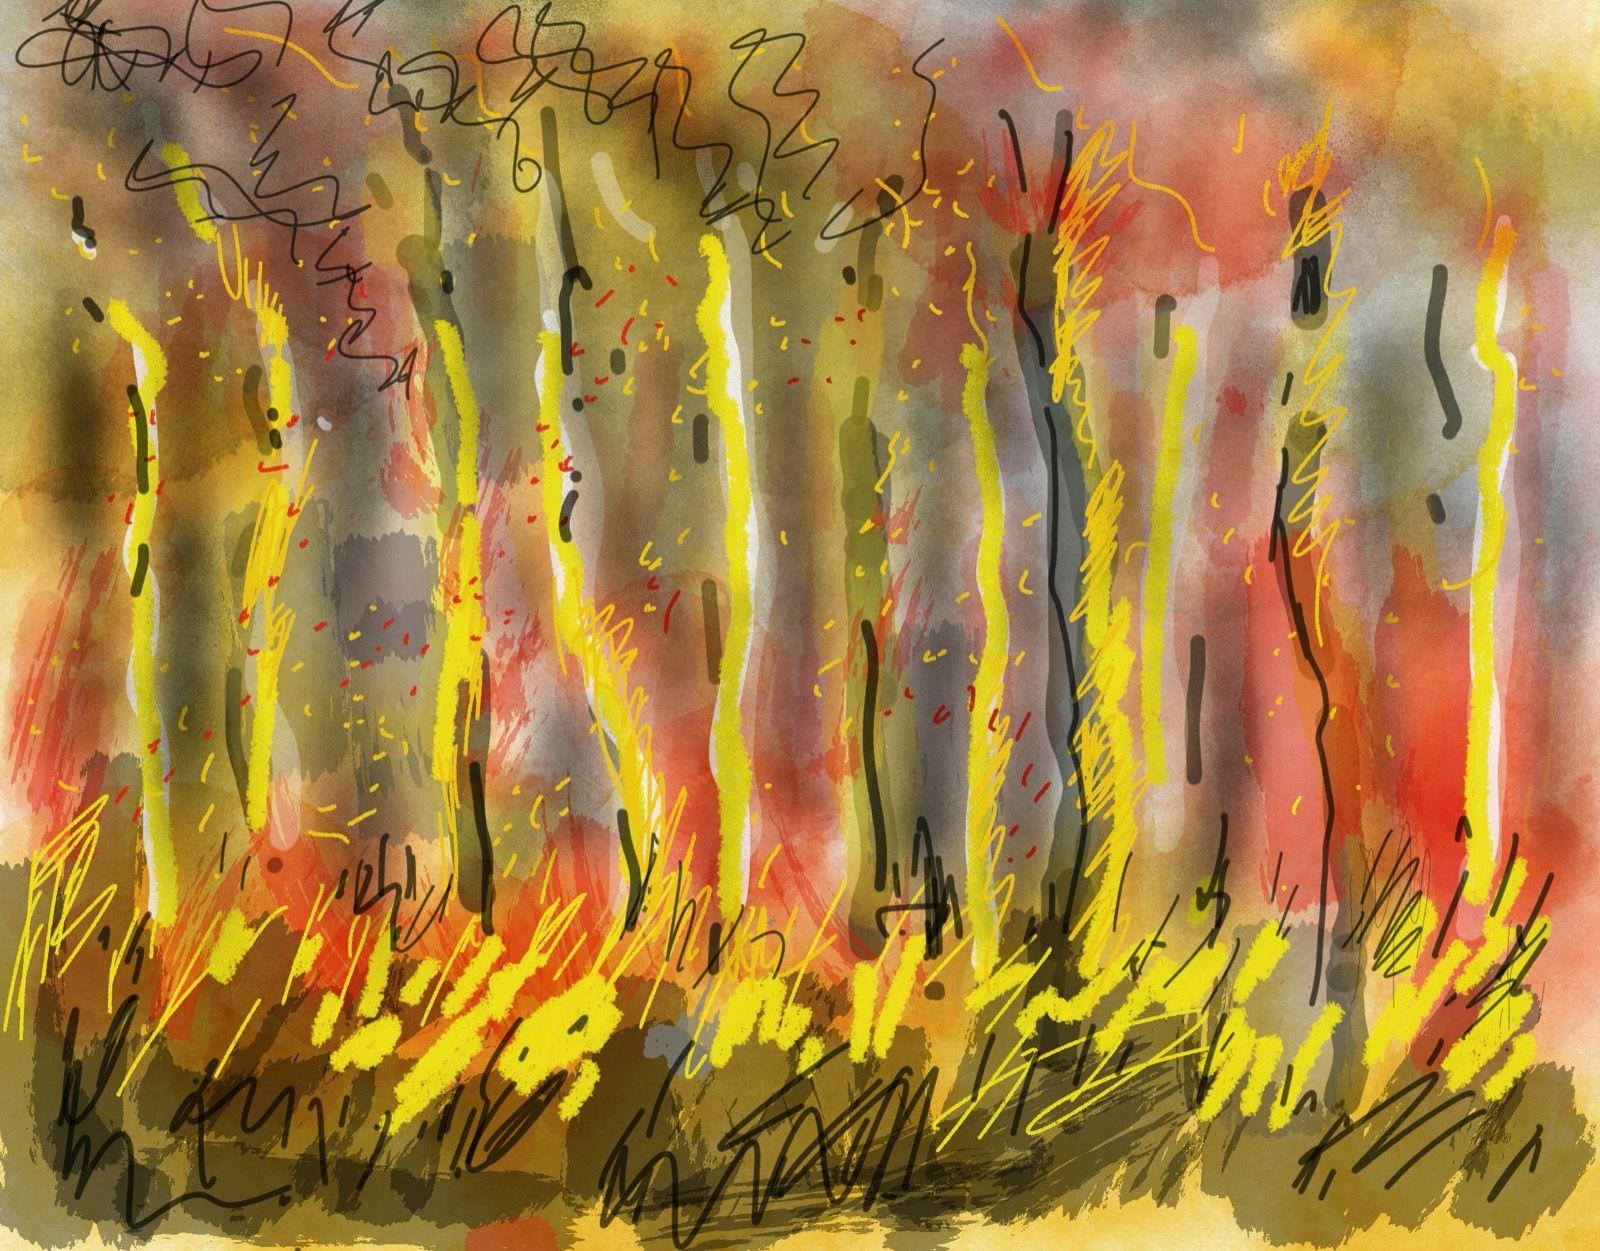 Bushfire 2, iPad digital